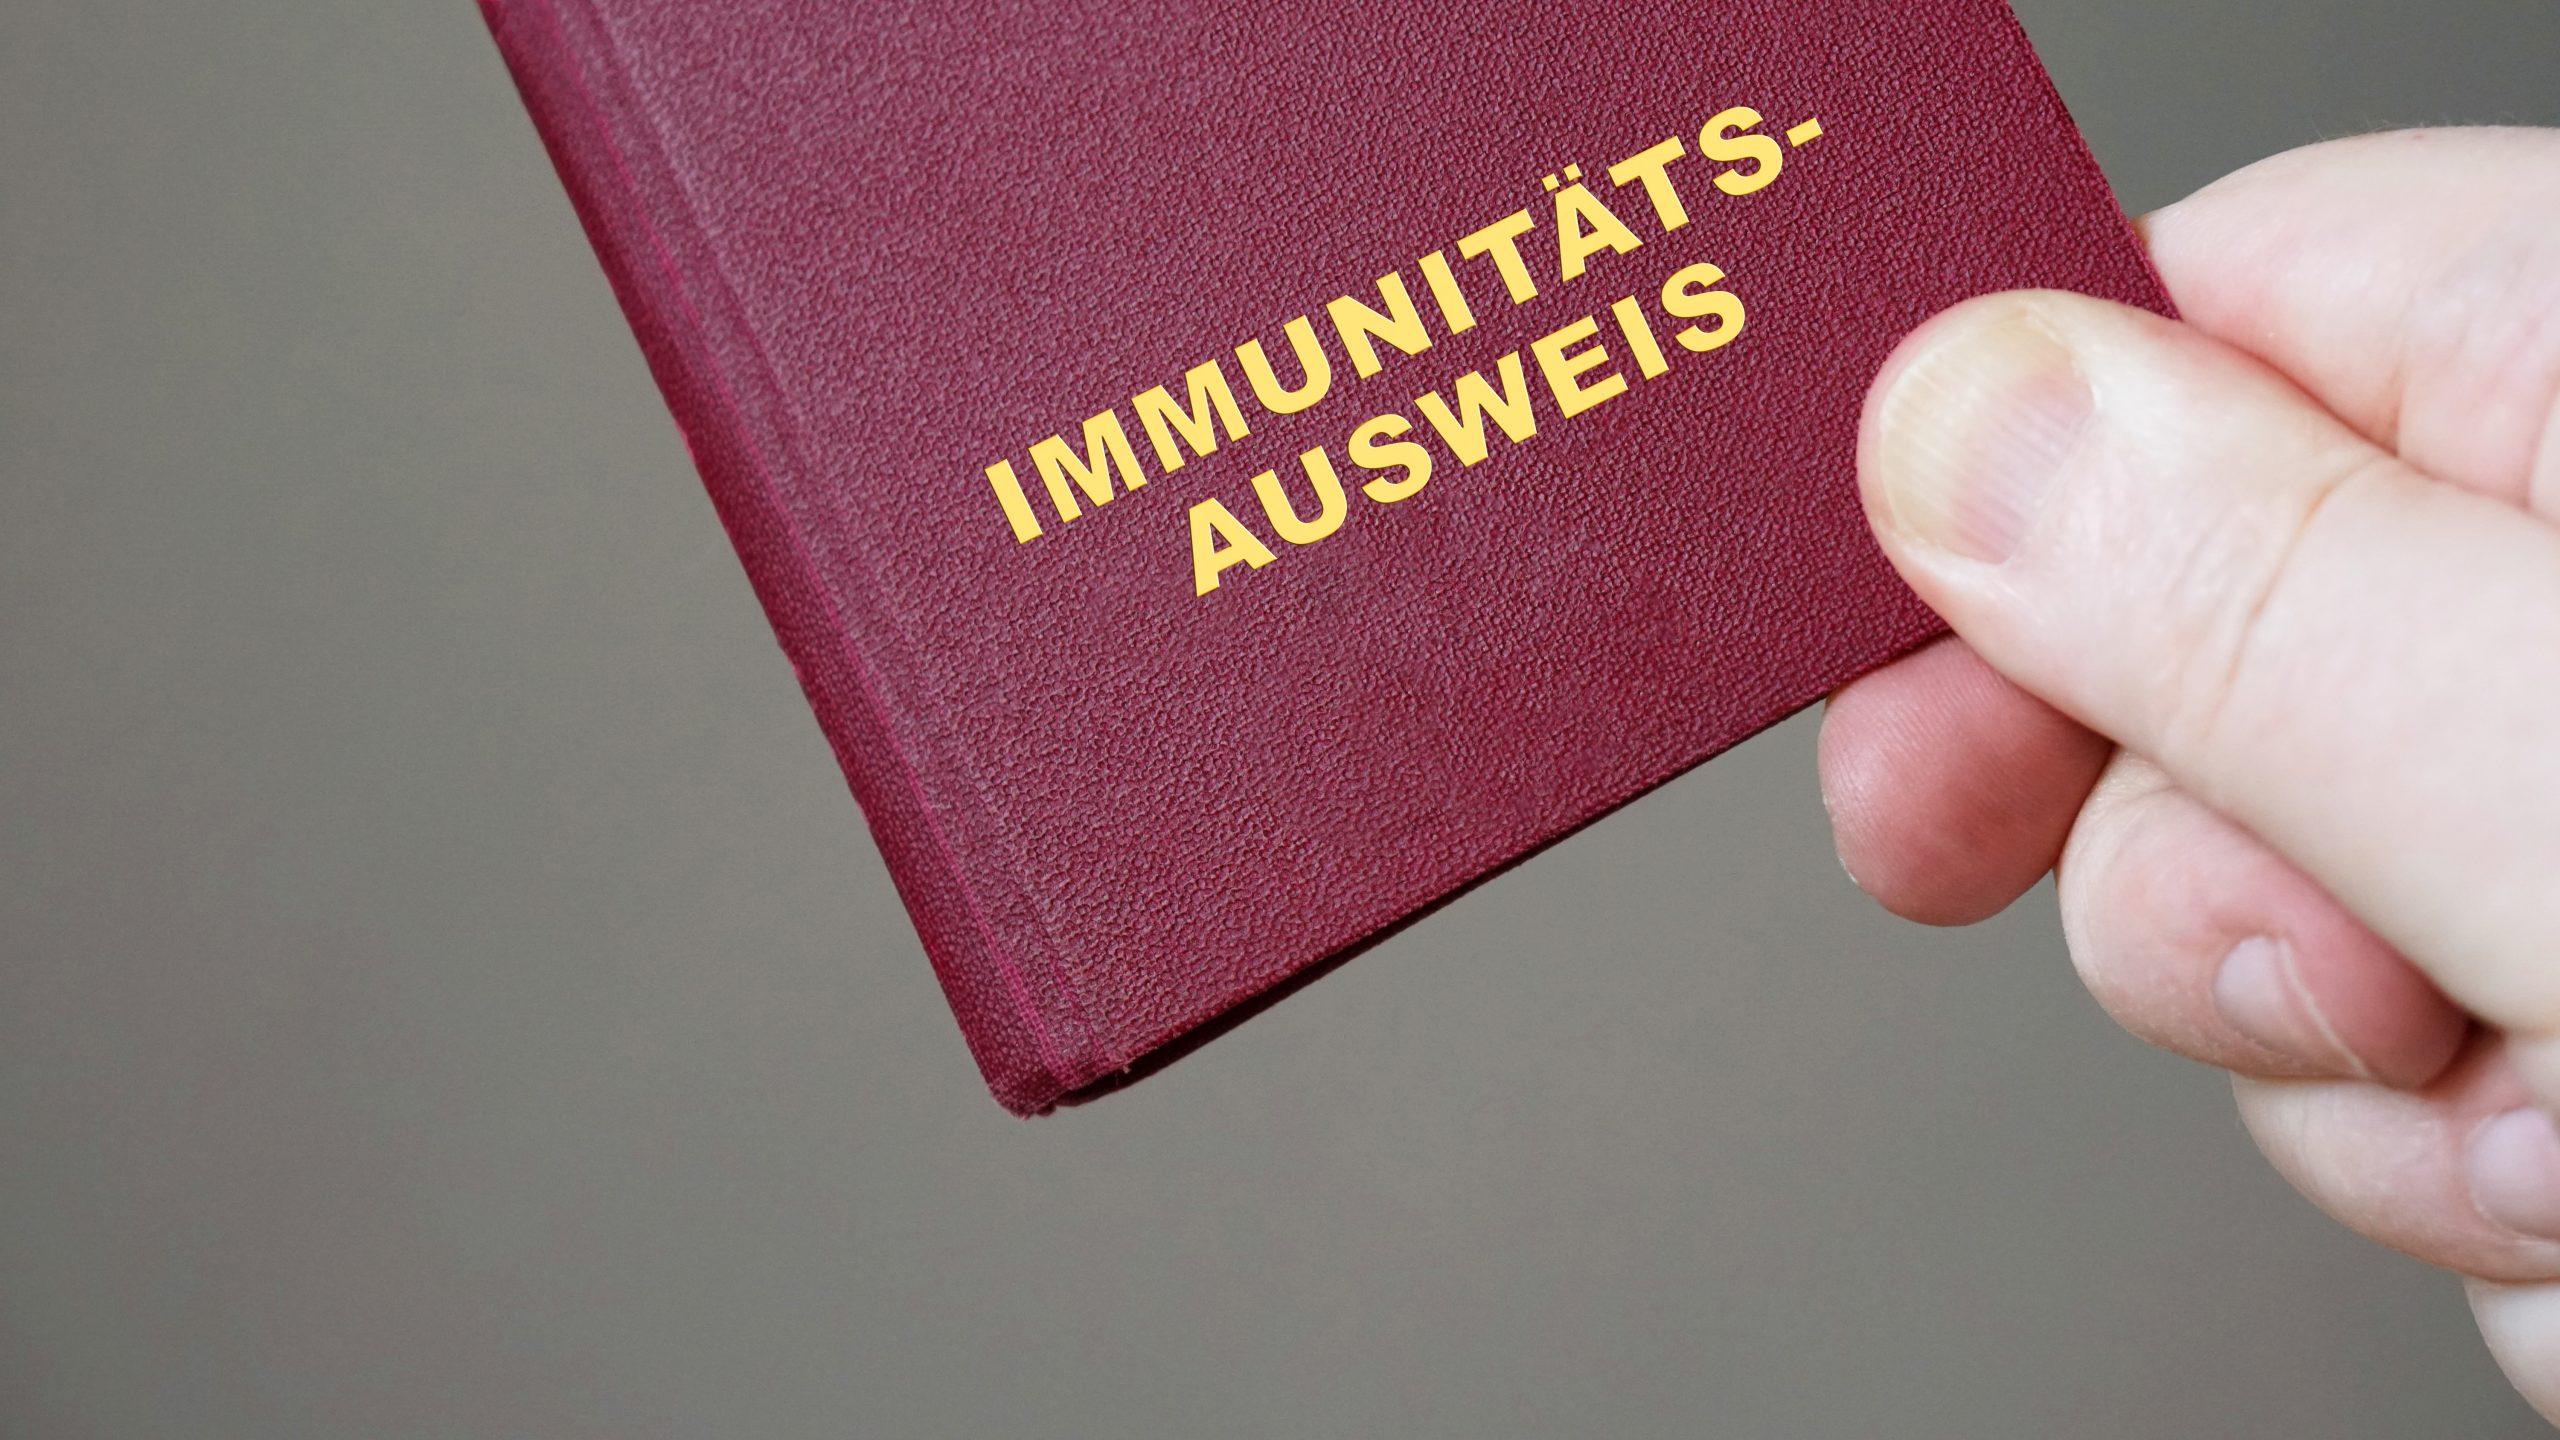 Corona Immunitätsausweis